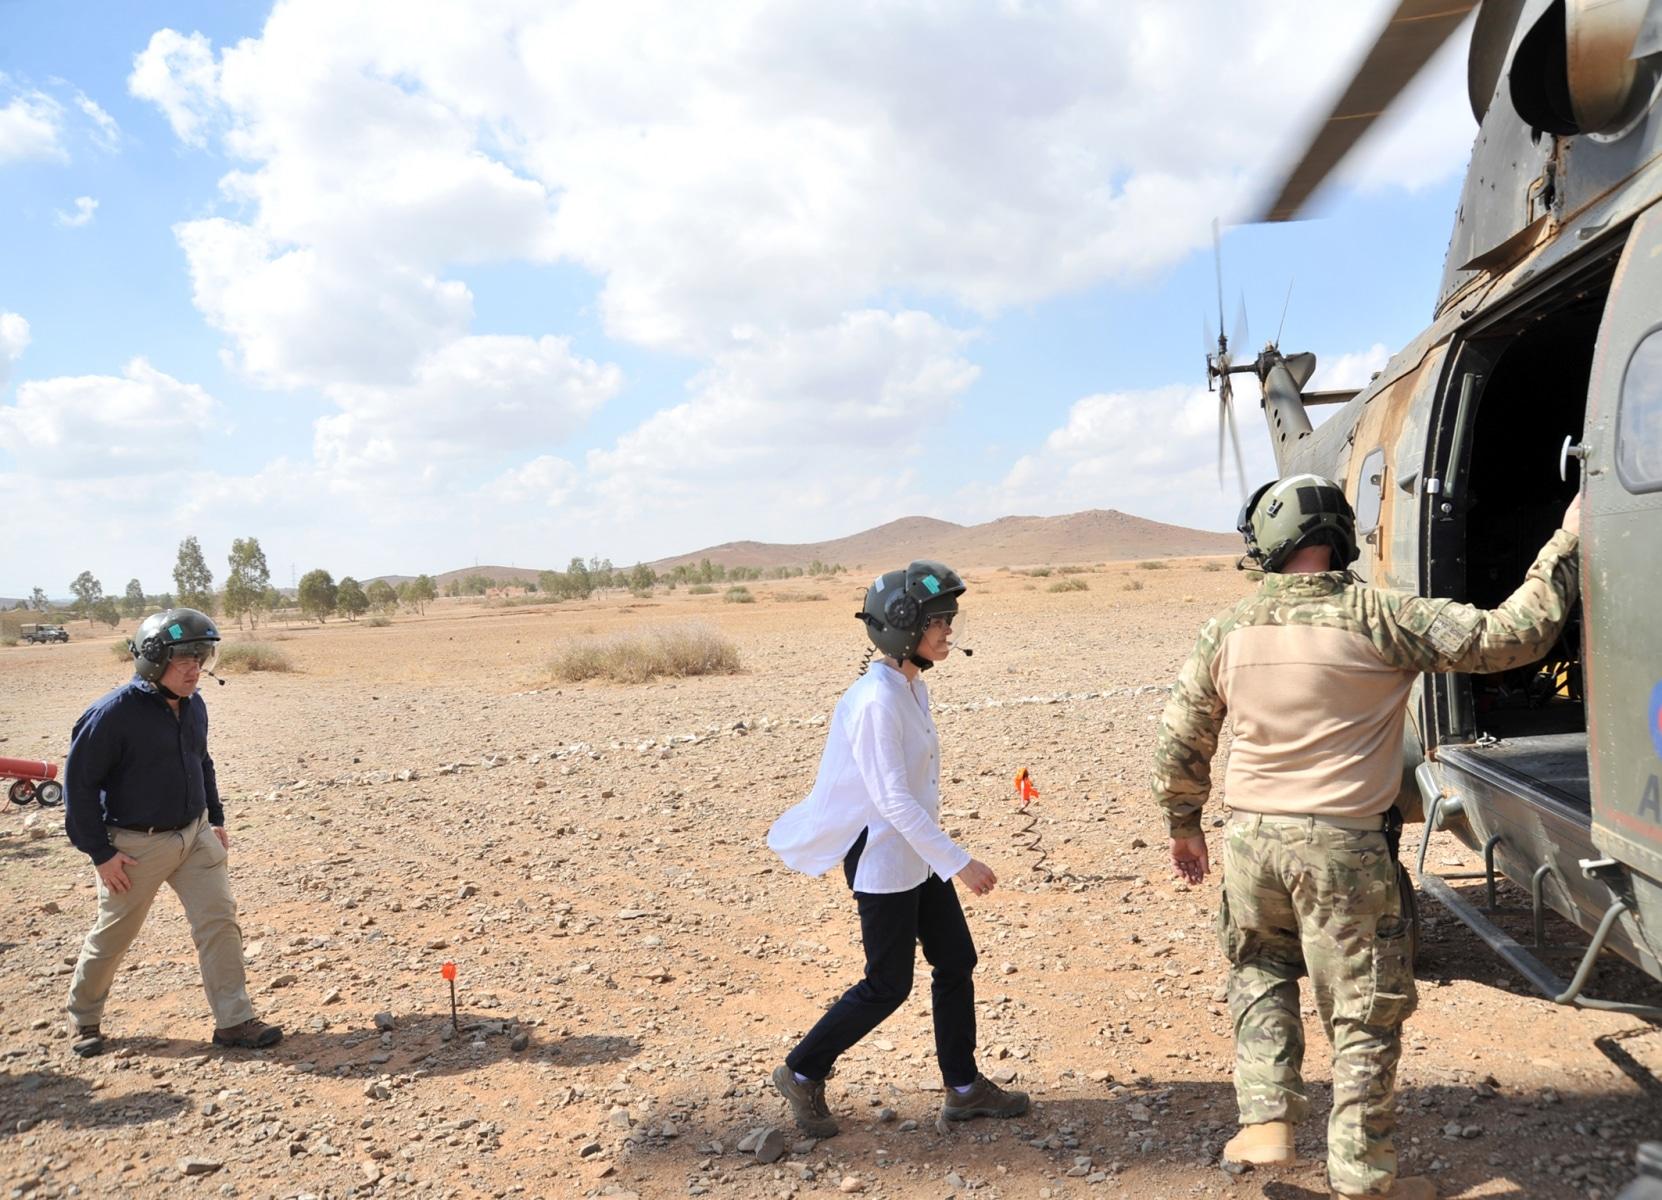 jebel-sahara-3-la-embajadora-del-reino-unido-en-marruecos-se-prepara-para-subir-a-bordo-de-un-helicptero-puma_22494866654_o